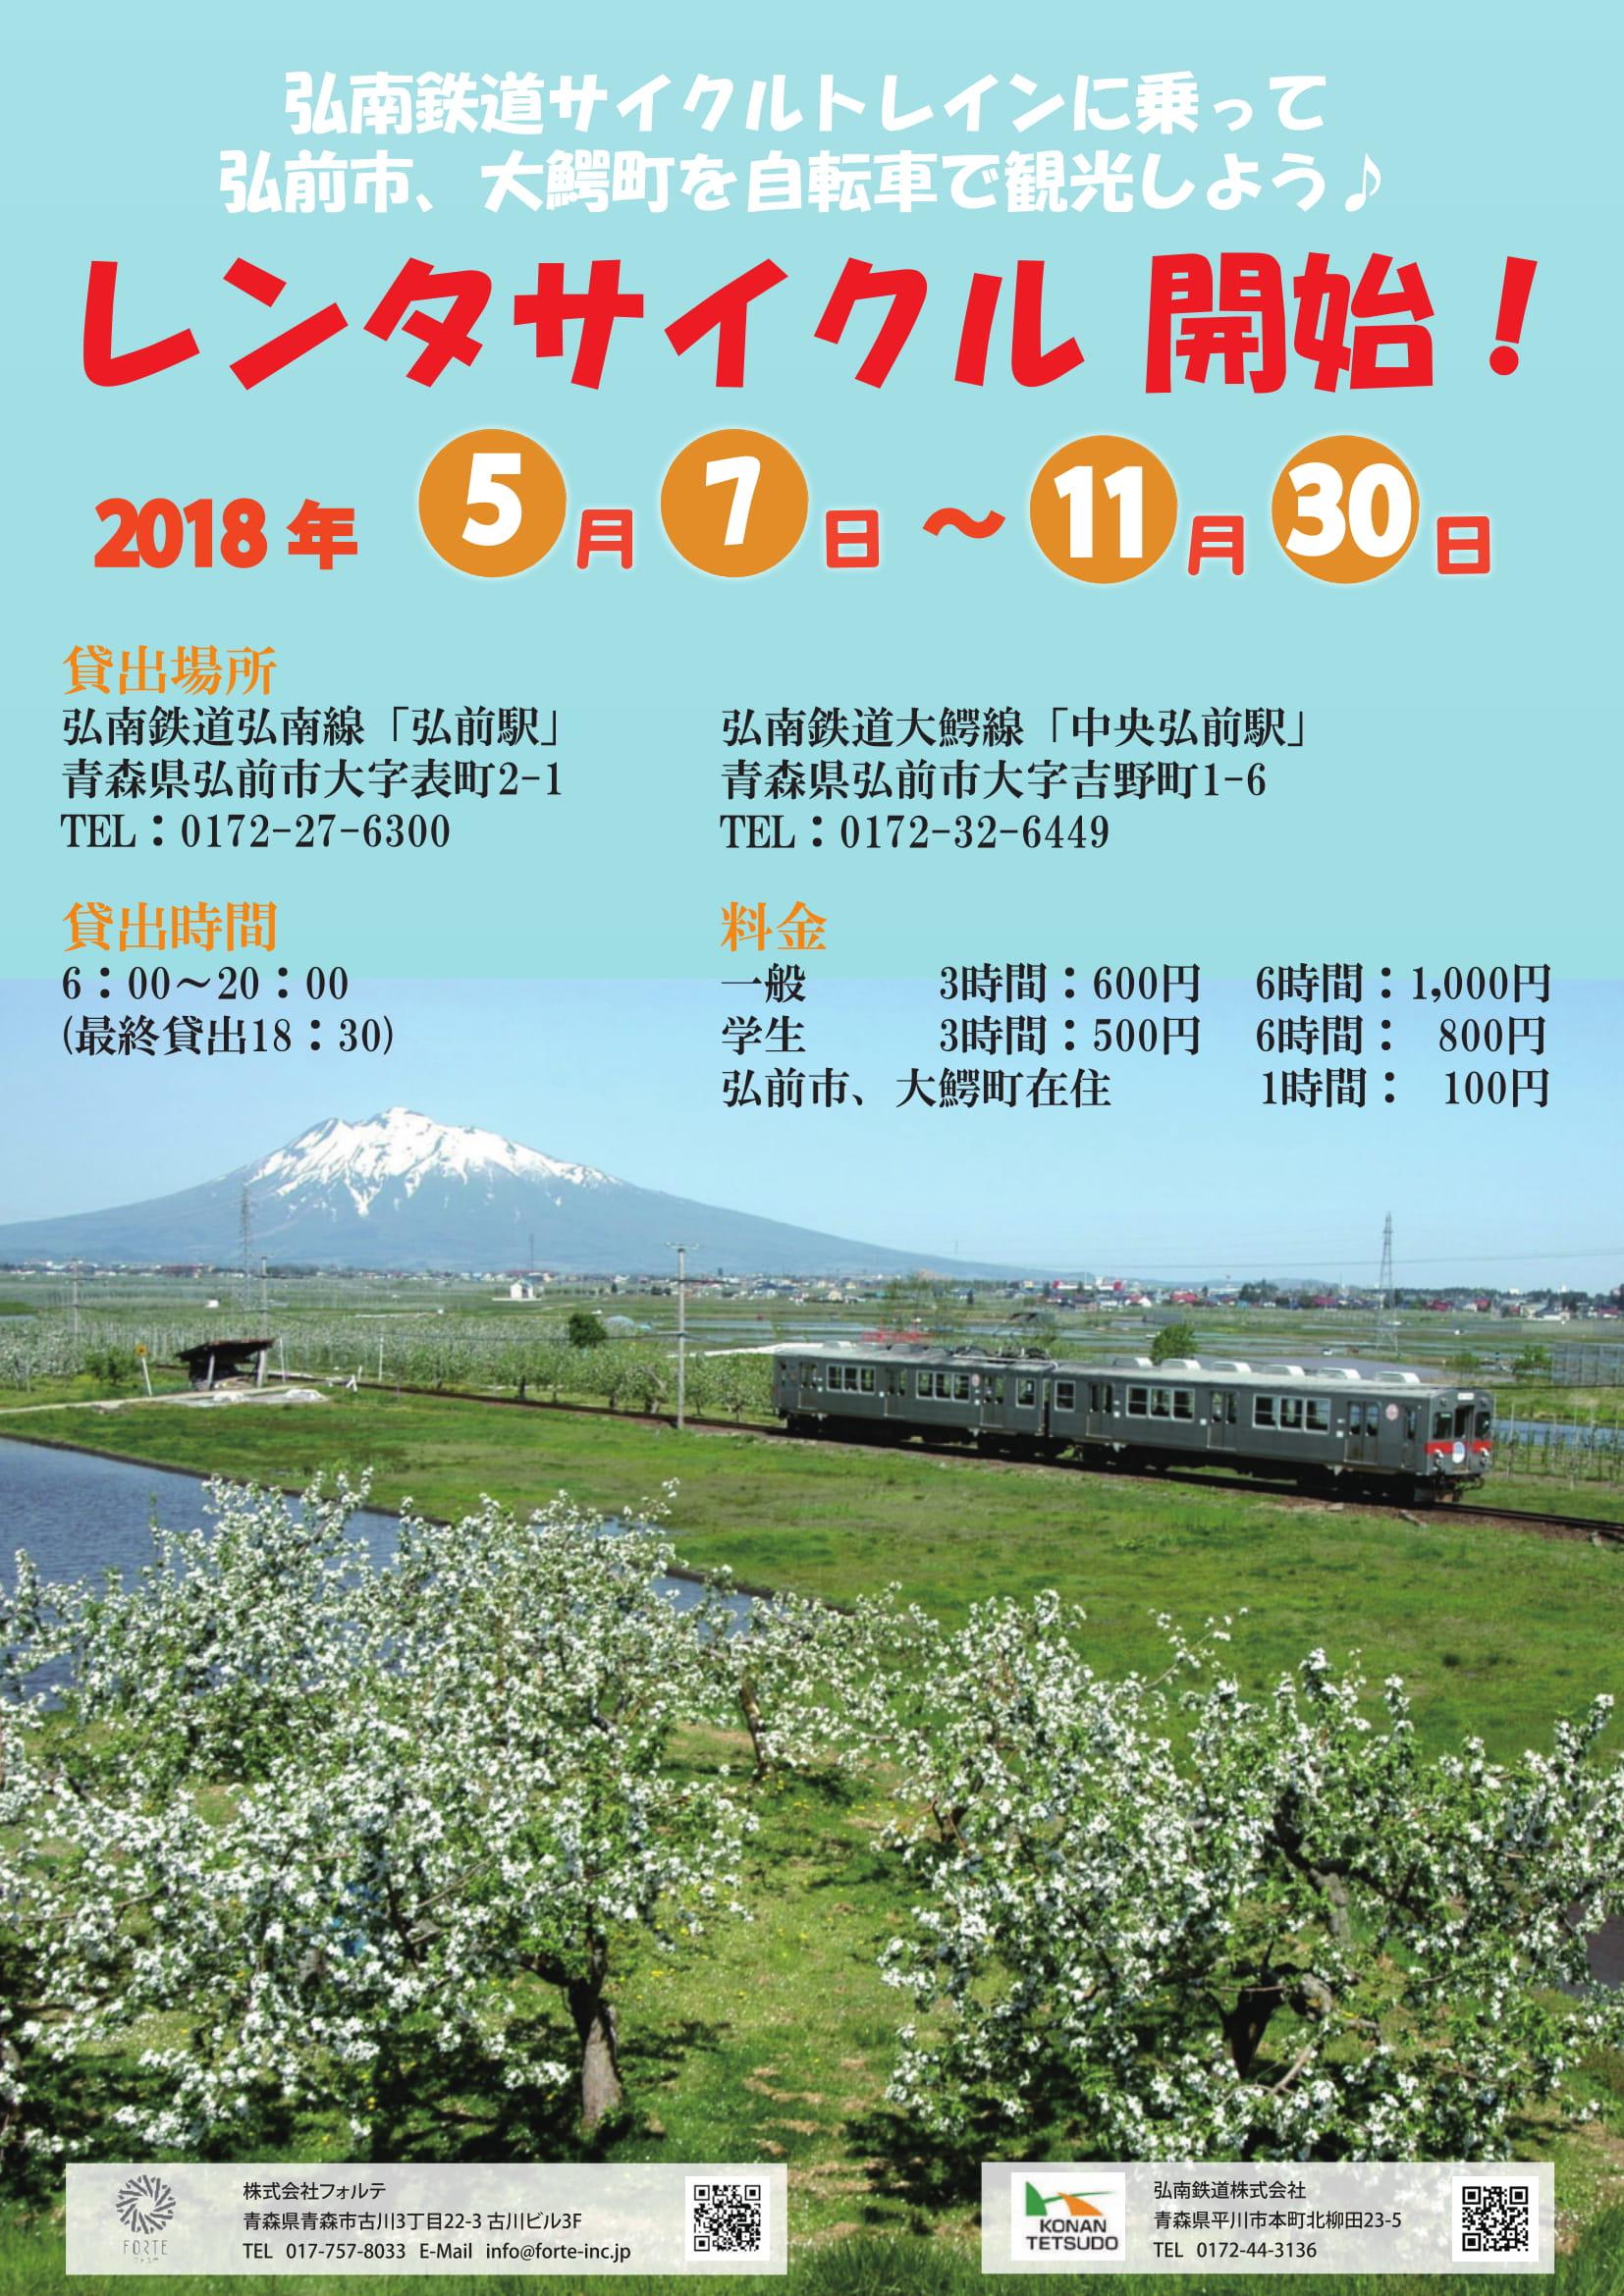 弘南鉄道レンタサイクル